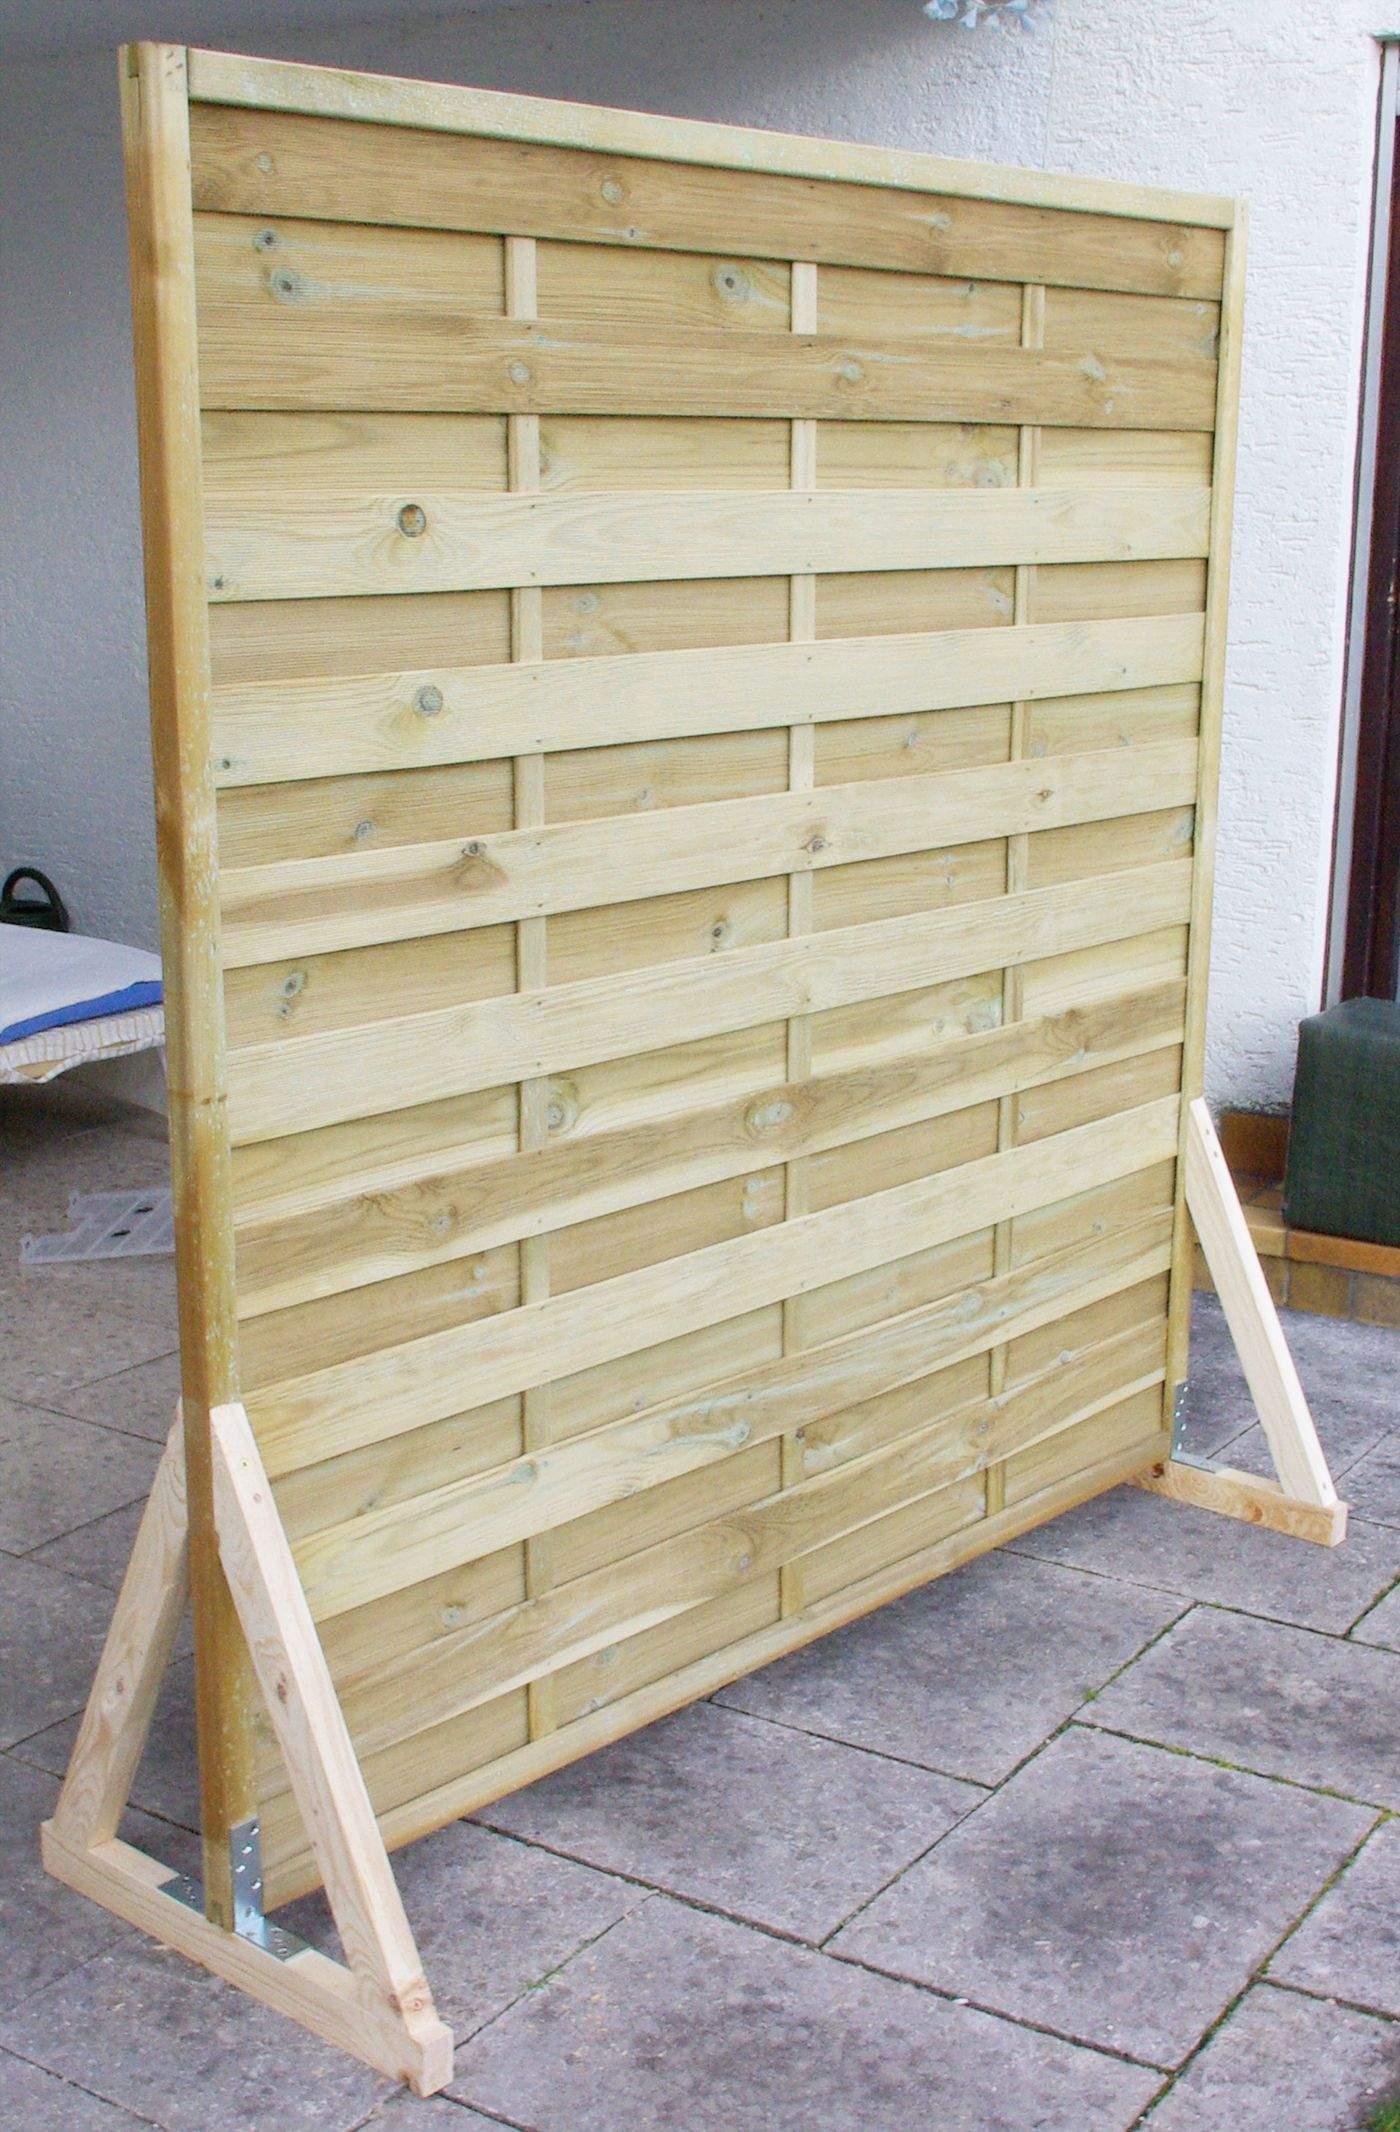 Full Size of Bambus Paravent Garten 25 Reizend Frisch Hausgarten Inspiration Loungemöbel Günstig Spielgeräte Zaun Led Spot Rattanmöbel Trennwand Wassertank Gerätehaus Wohnzimmer Bambus Paravent Garten